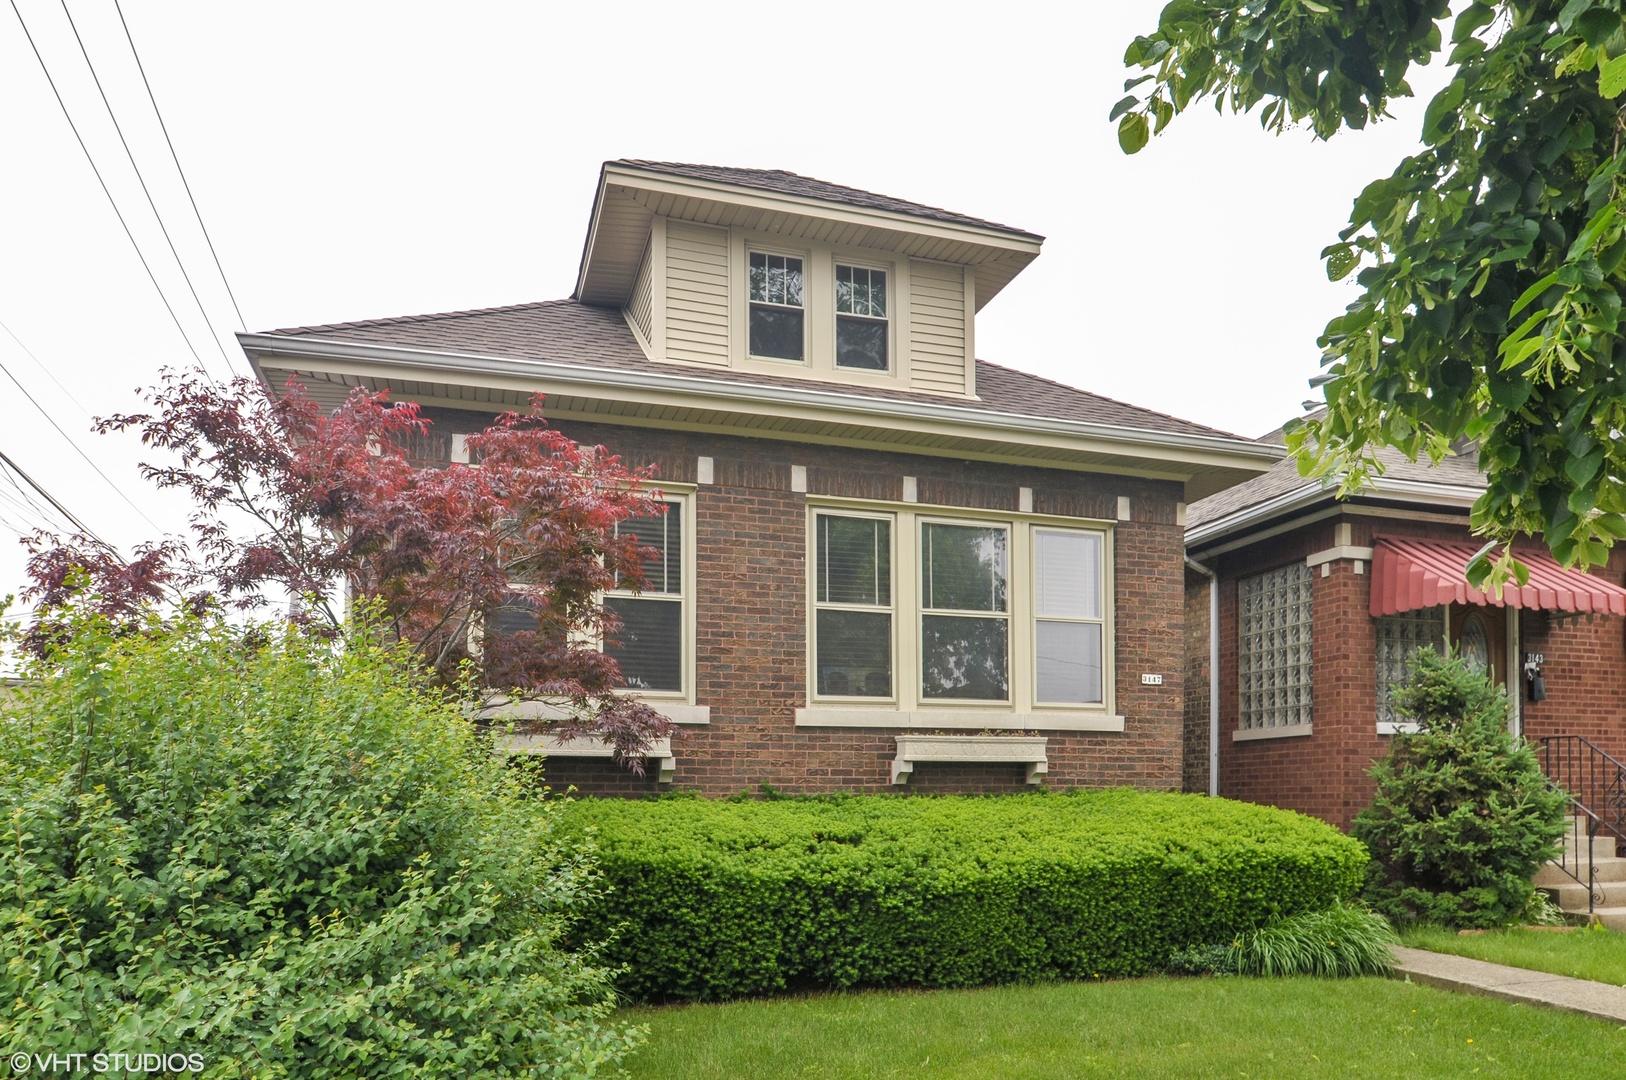 3147 N Kilbourn Exterior Photo